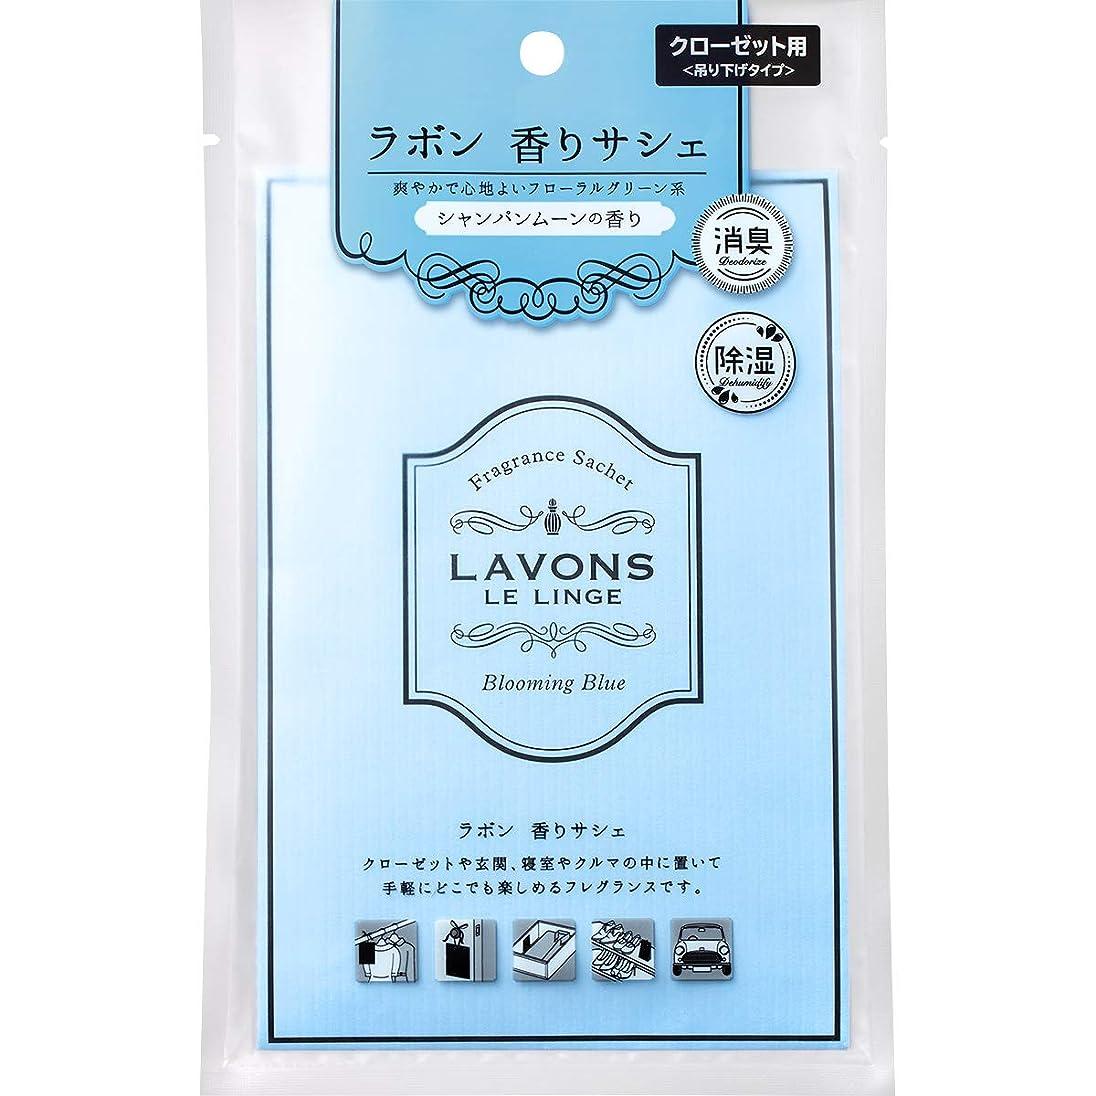 静かに遷移誓約ラボン 香りサシェ (香り袋) ブルーミングブルー 20g